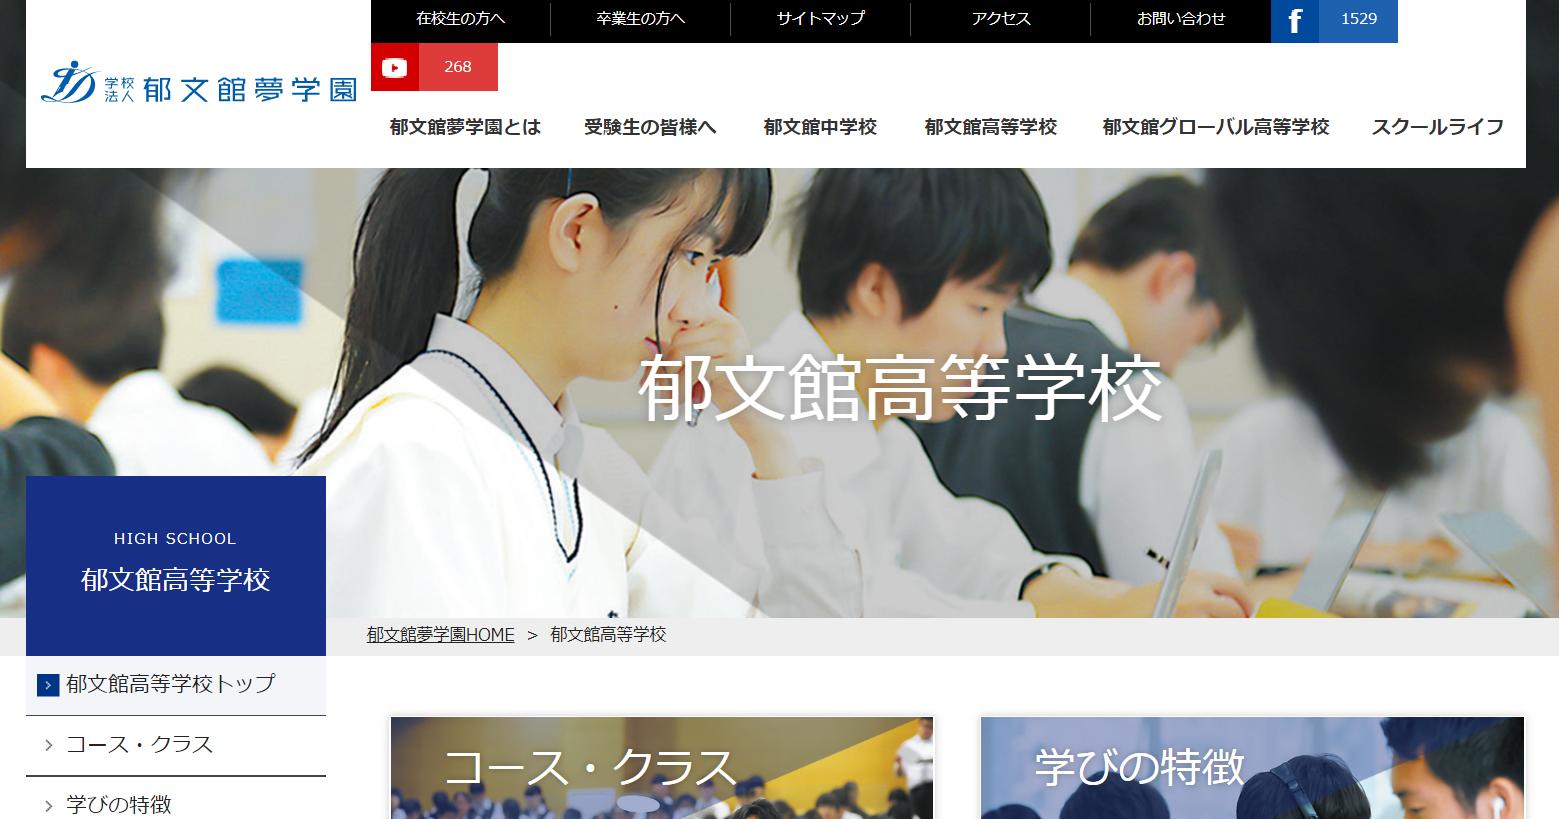 郁文館高校の口コミ・評判